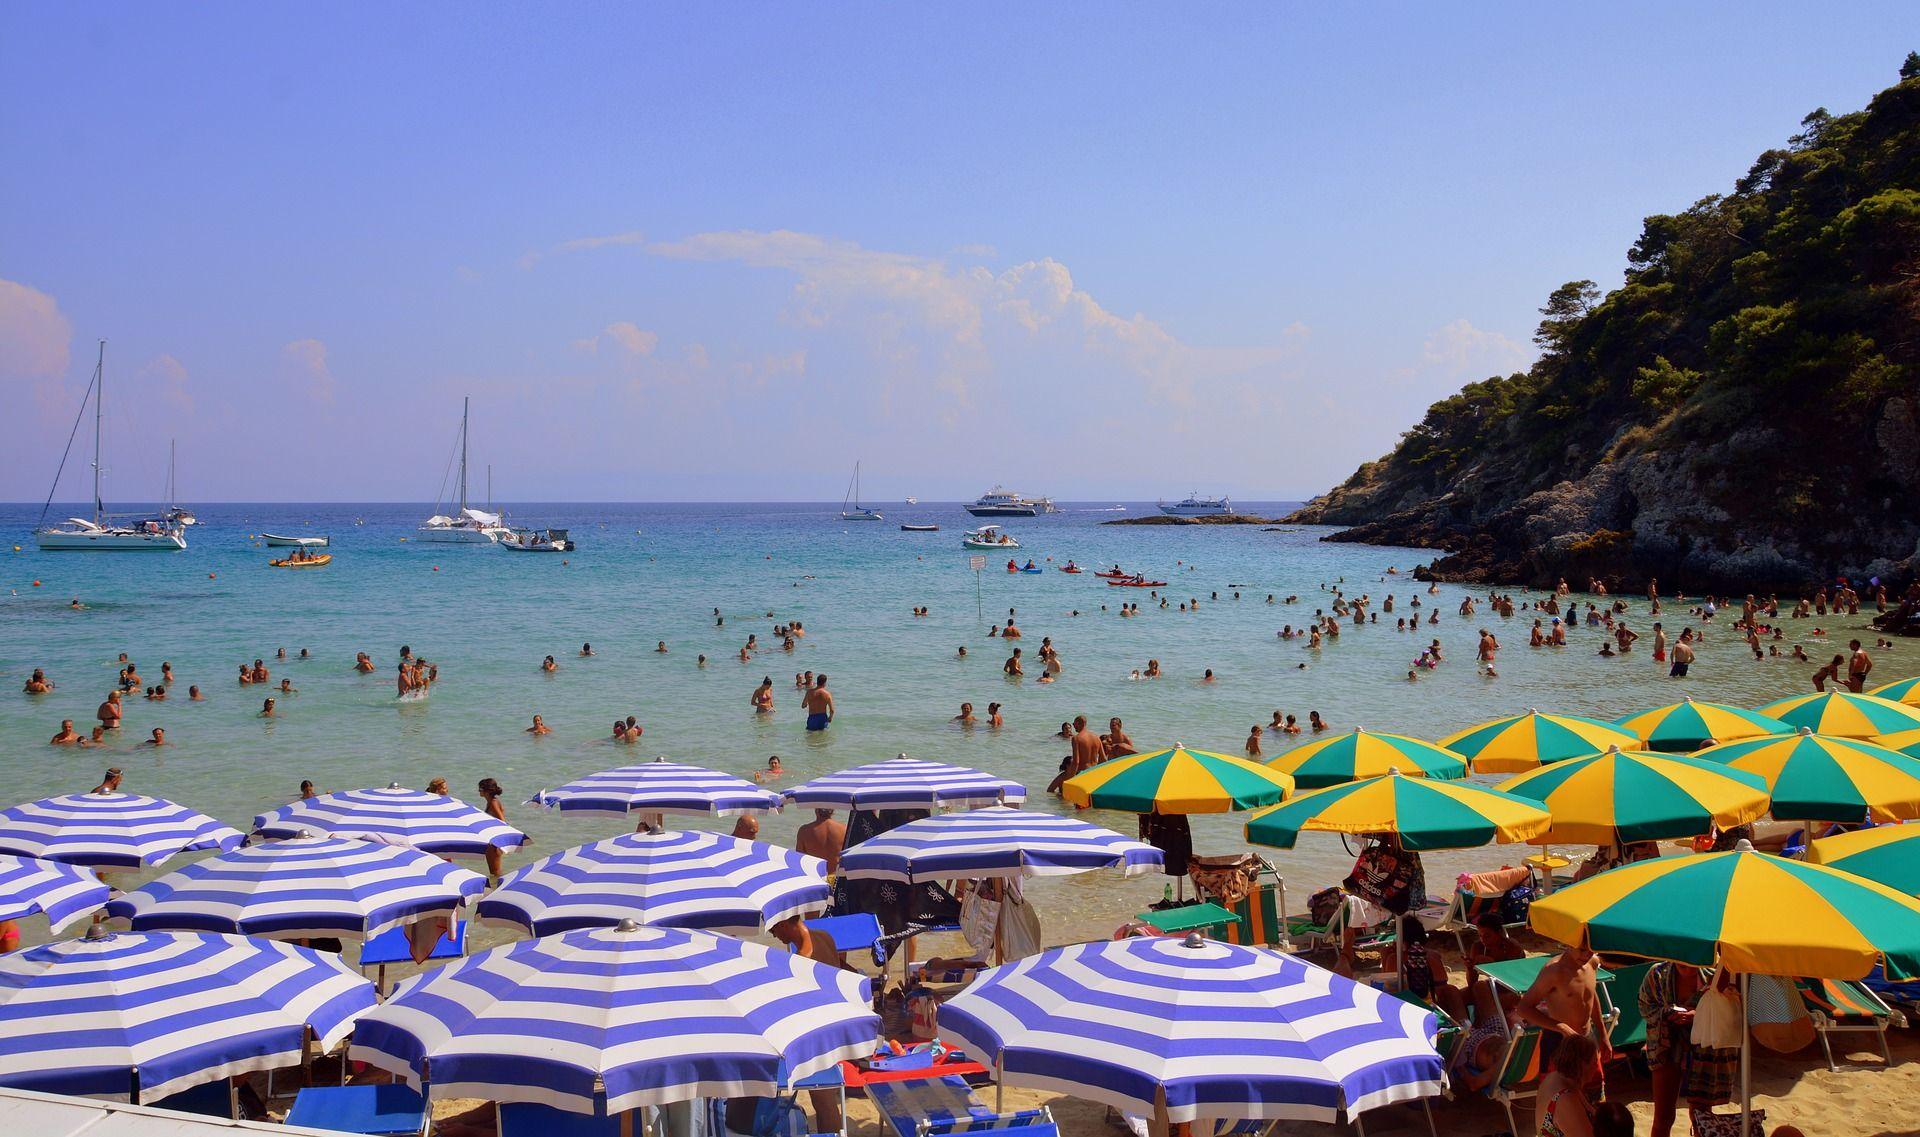 Pobyt u moře. Ilustrační foto: Pixabay.com